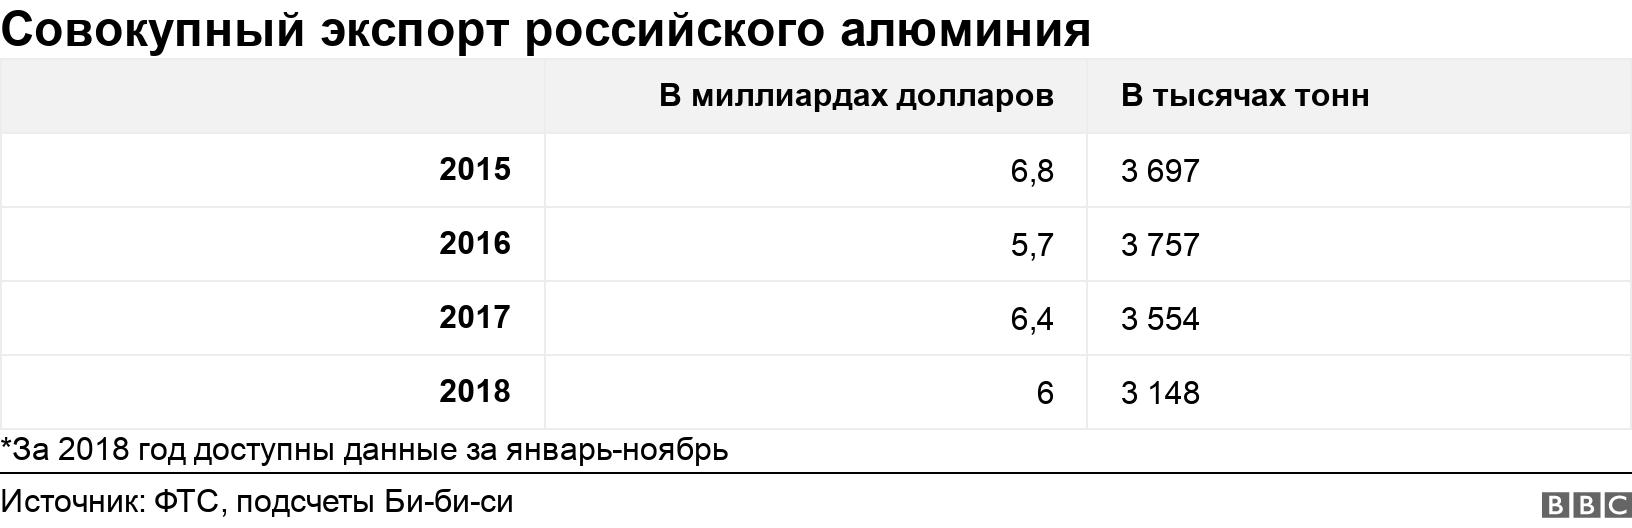 Совокупный экспорт российского алюминия. .  *За 2018 год доступны данные за январь-ноябрь.